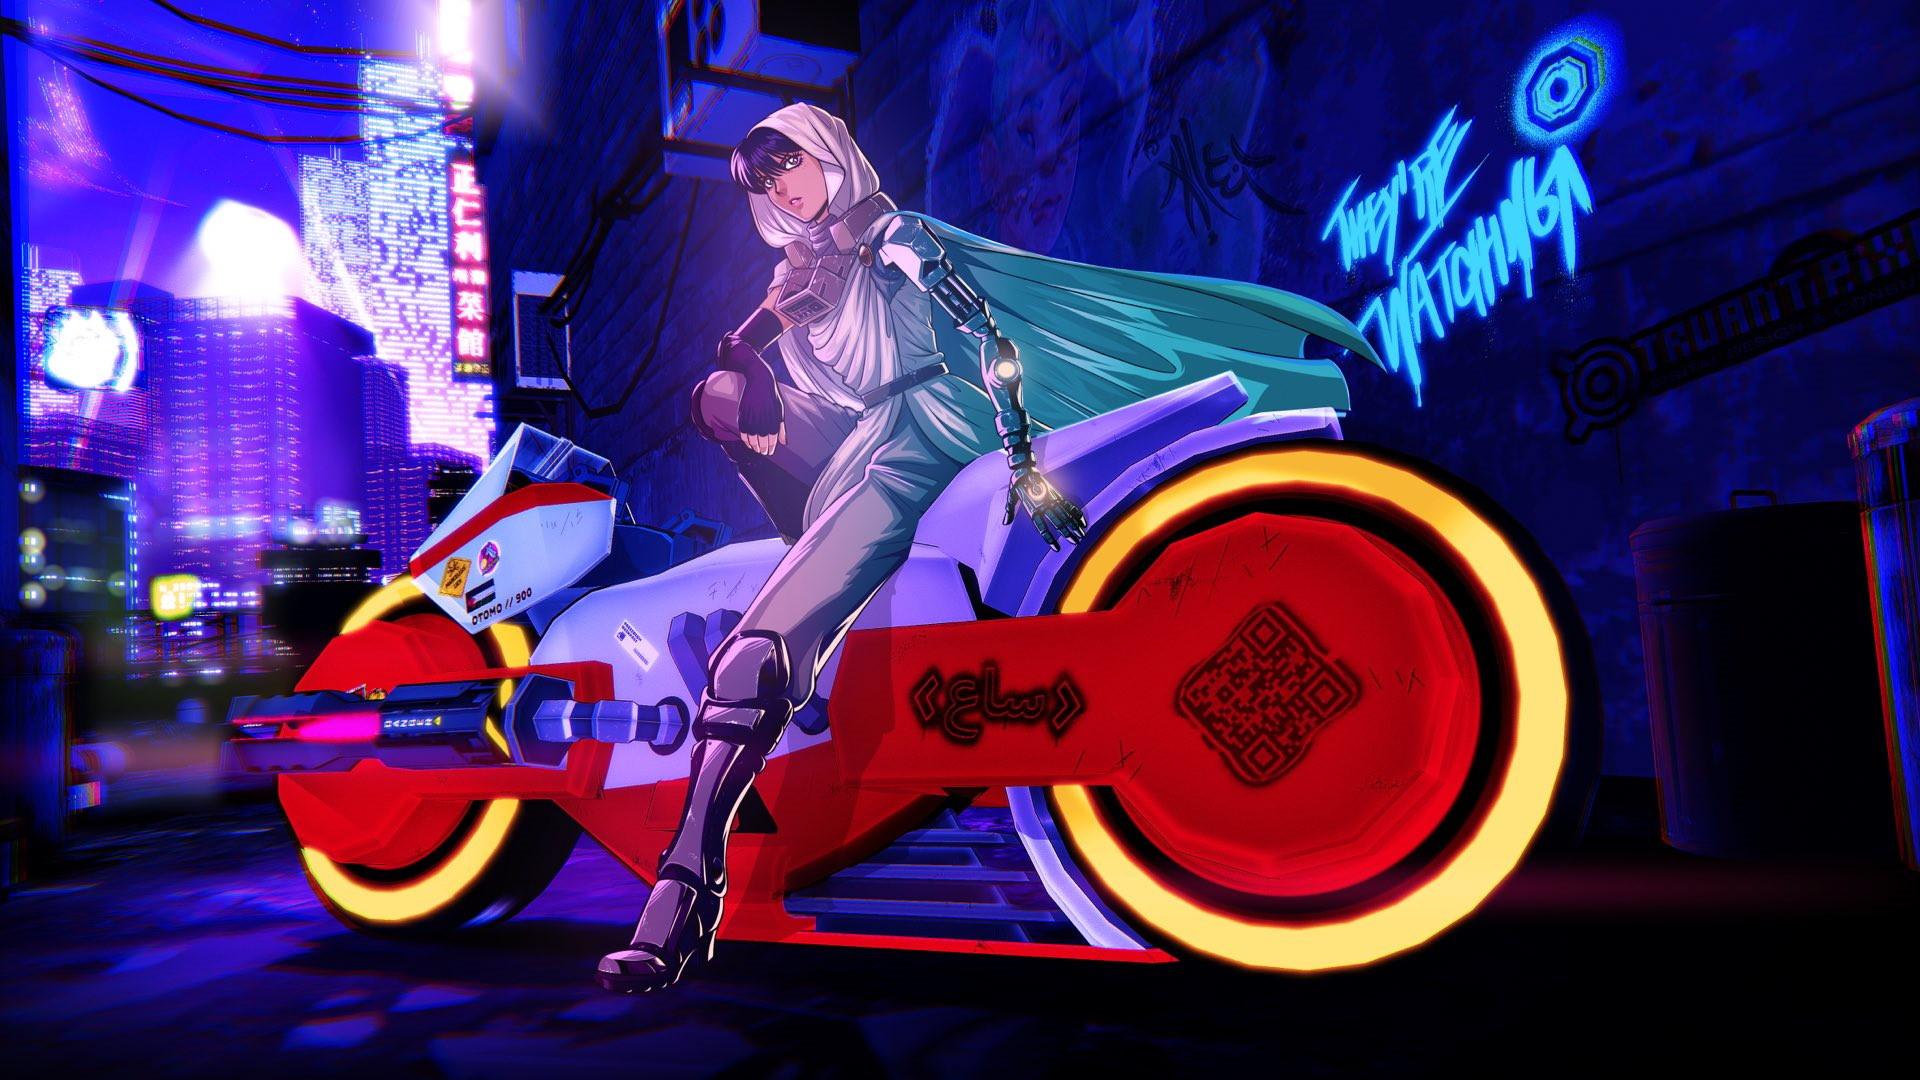 RUNNER — аркадный VR-боевик, вдохновлённый «Акирой» и «Призраком в доспехах»